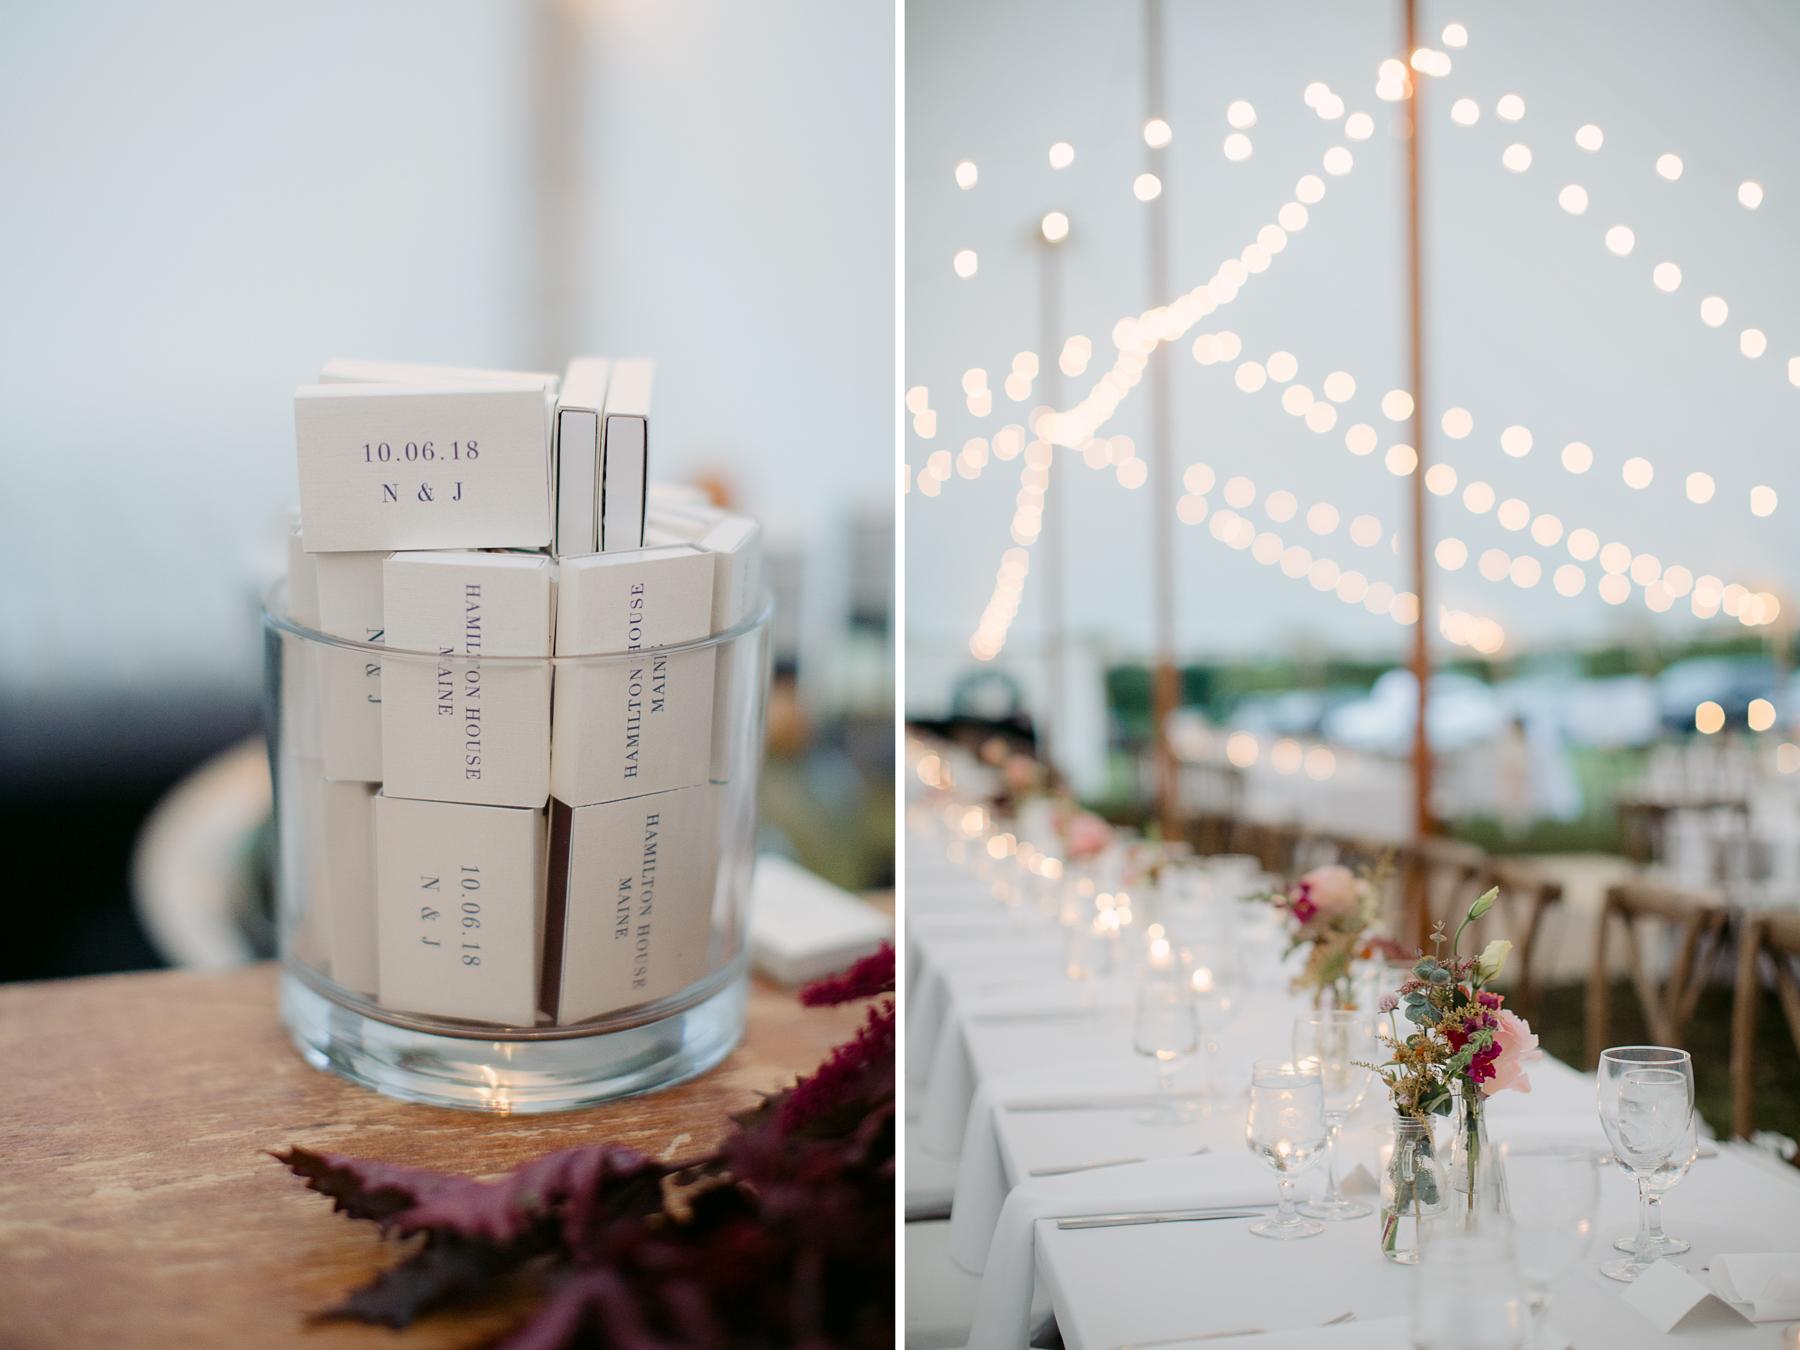 Hamilton_House_wedding_maine_Leah_Fisher_Photography-35.jpg